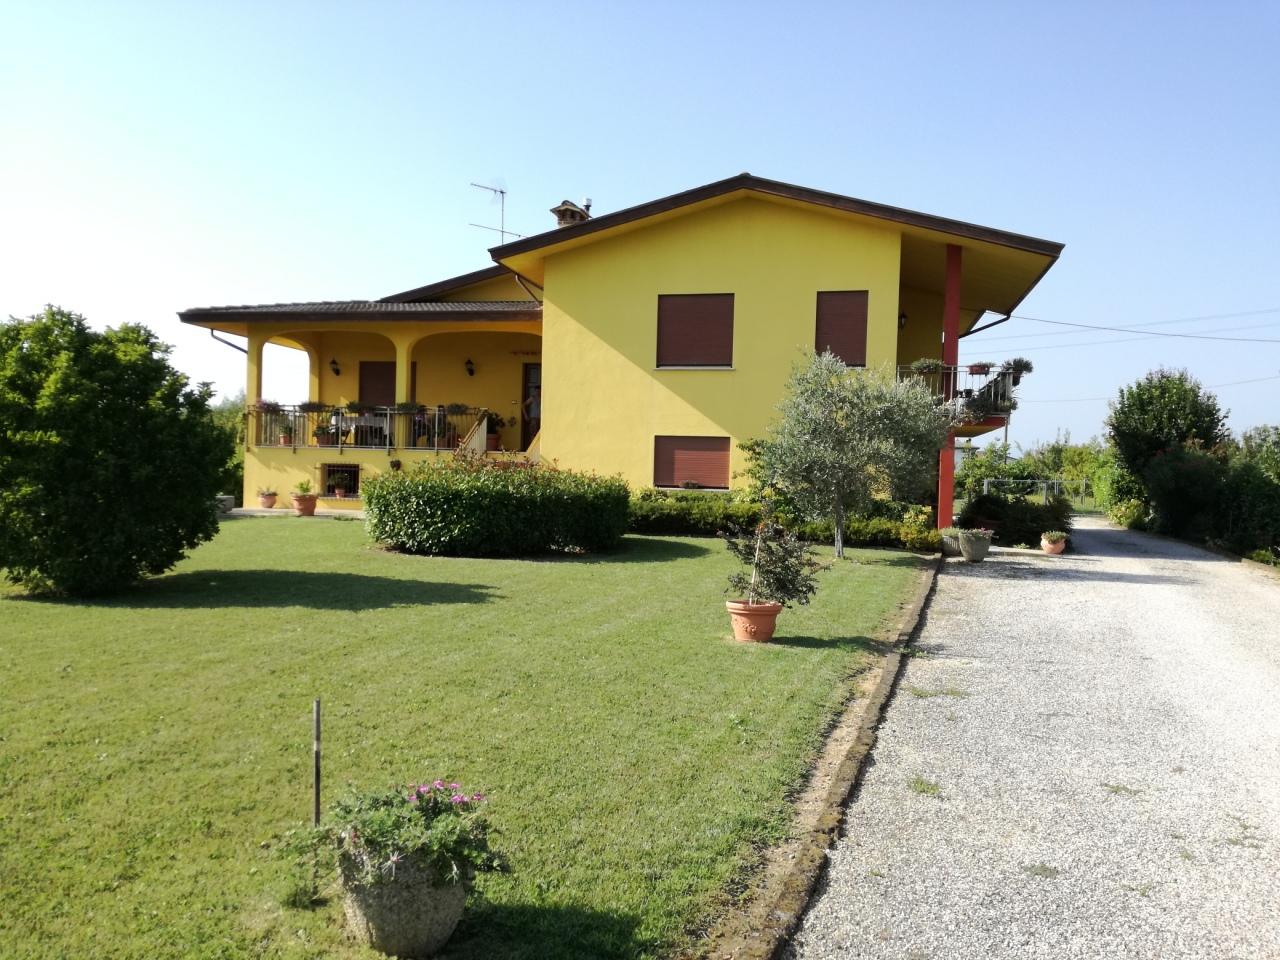 Soluzione Indipendente in vendita a Villa del Conte, 8 locali, prezzo € 250.000 | CambioCasa.it